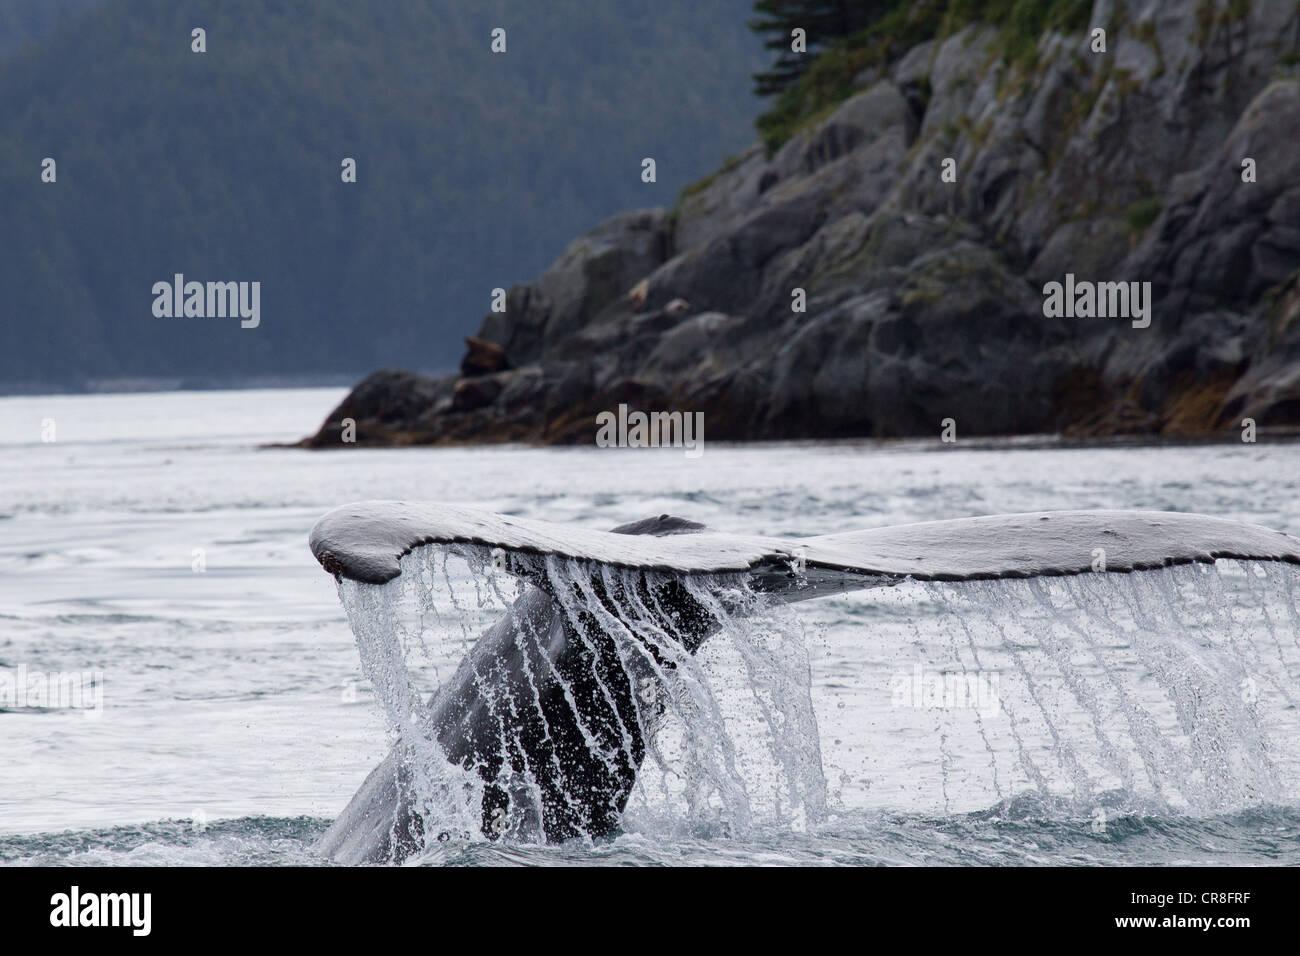 Queue de baleine à bosse Banque D'Images